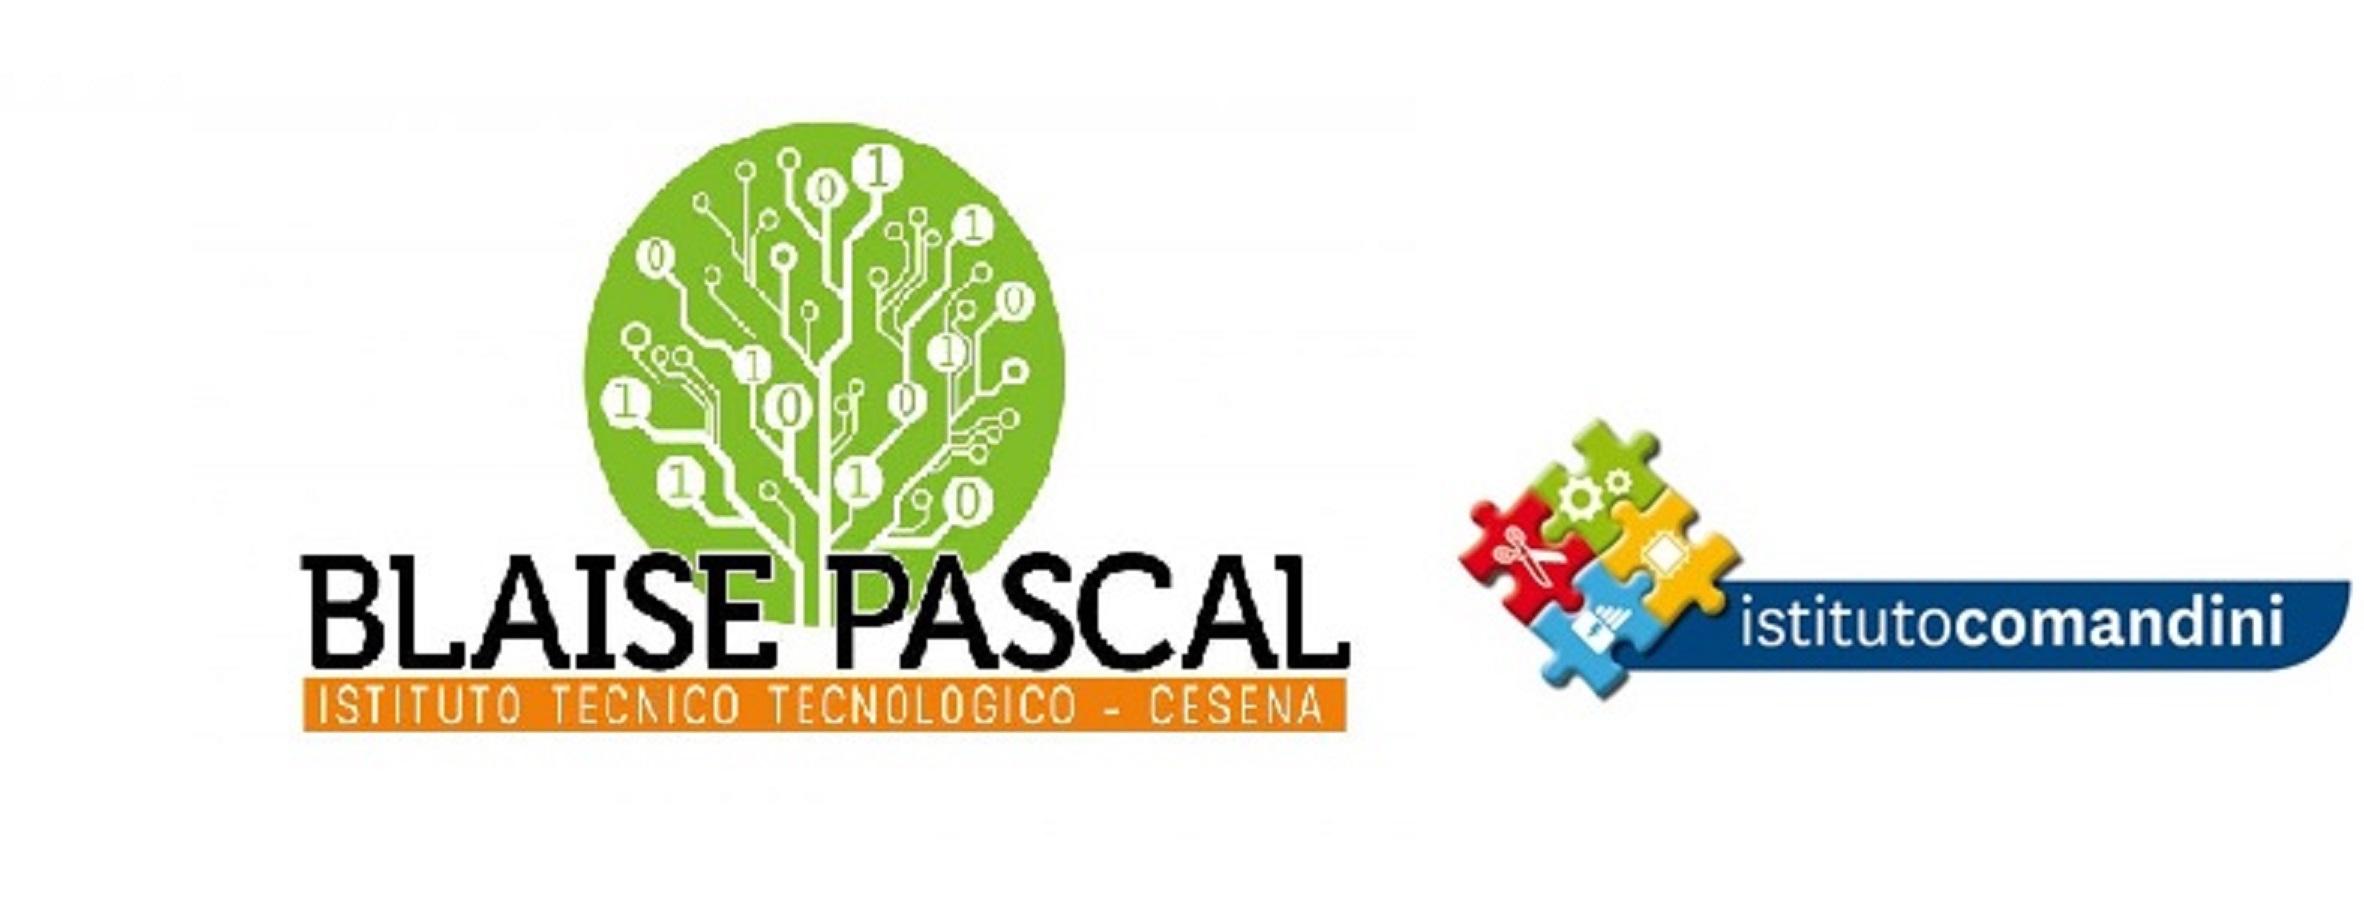 Istituto Superiore Pascal Comandini - Cesena - Informatica